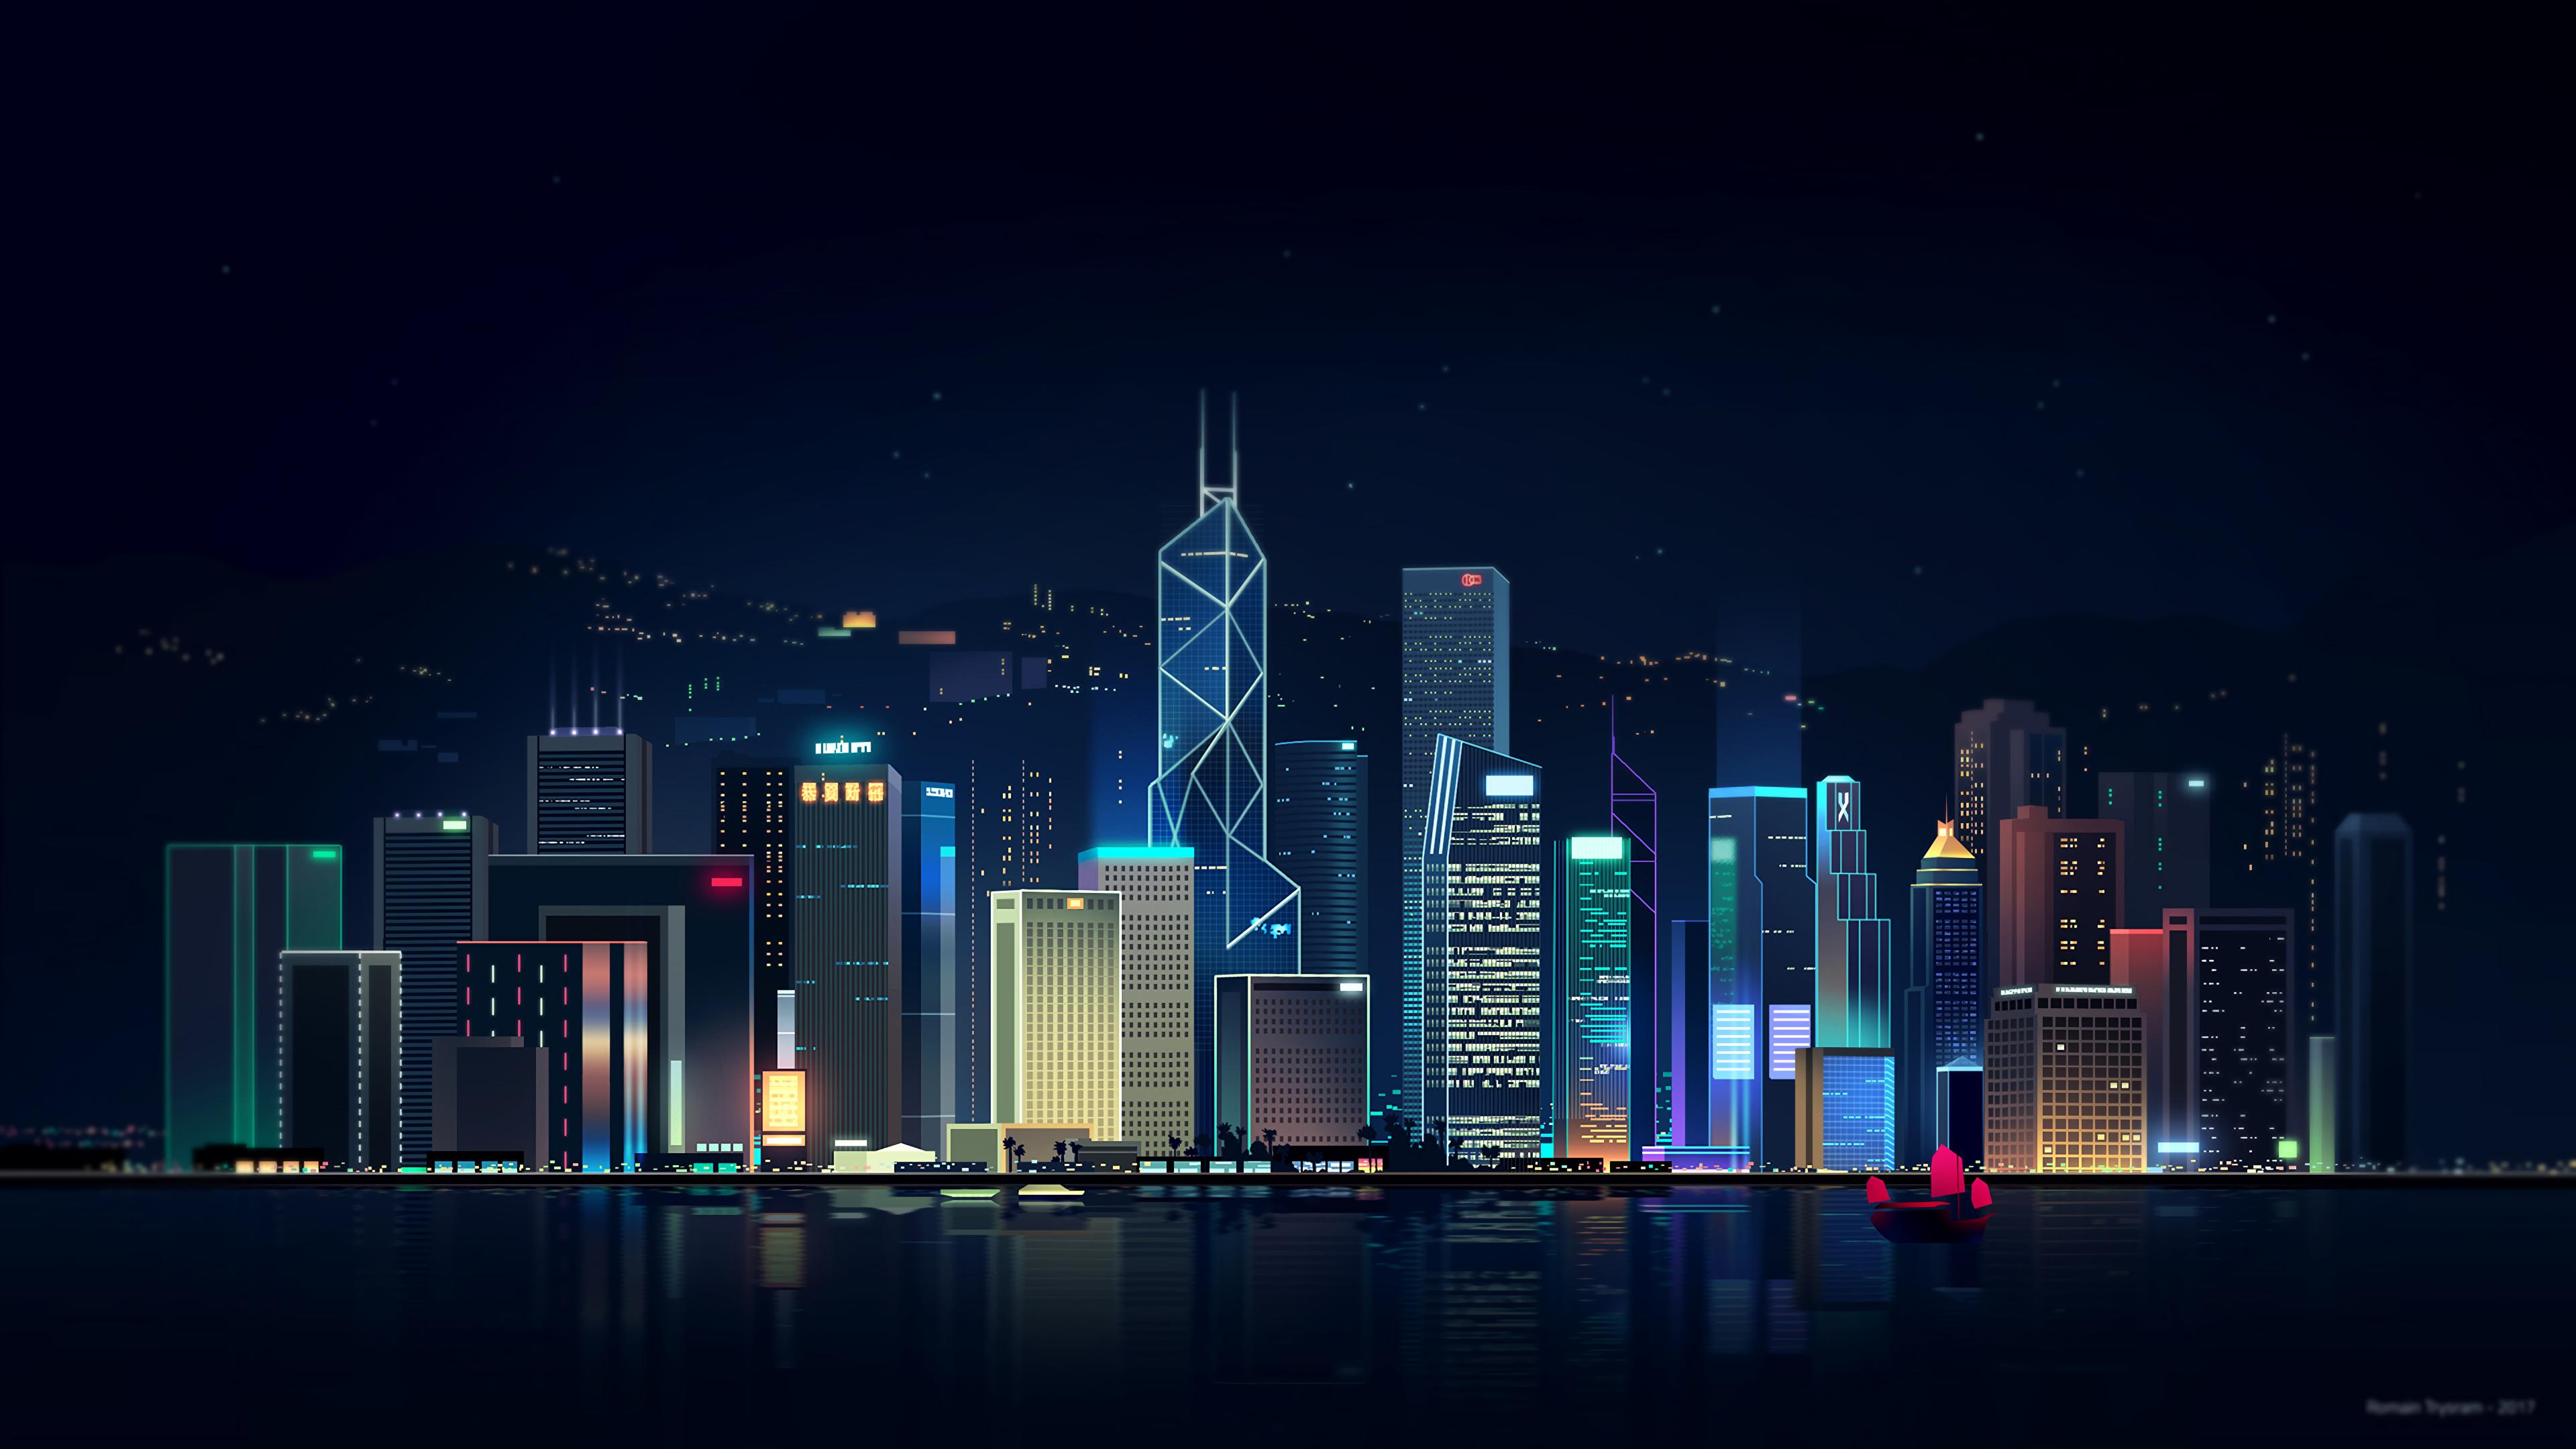 Neon City by Romain Trystram [3840×2160] Hd wallpaper